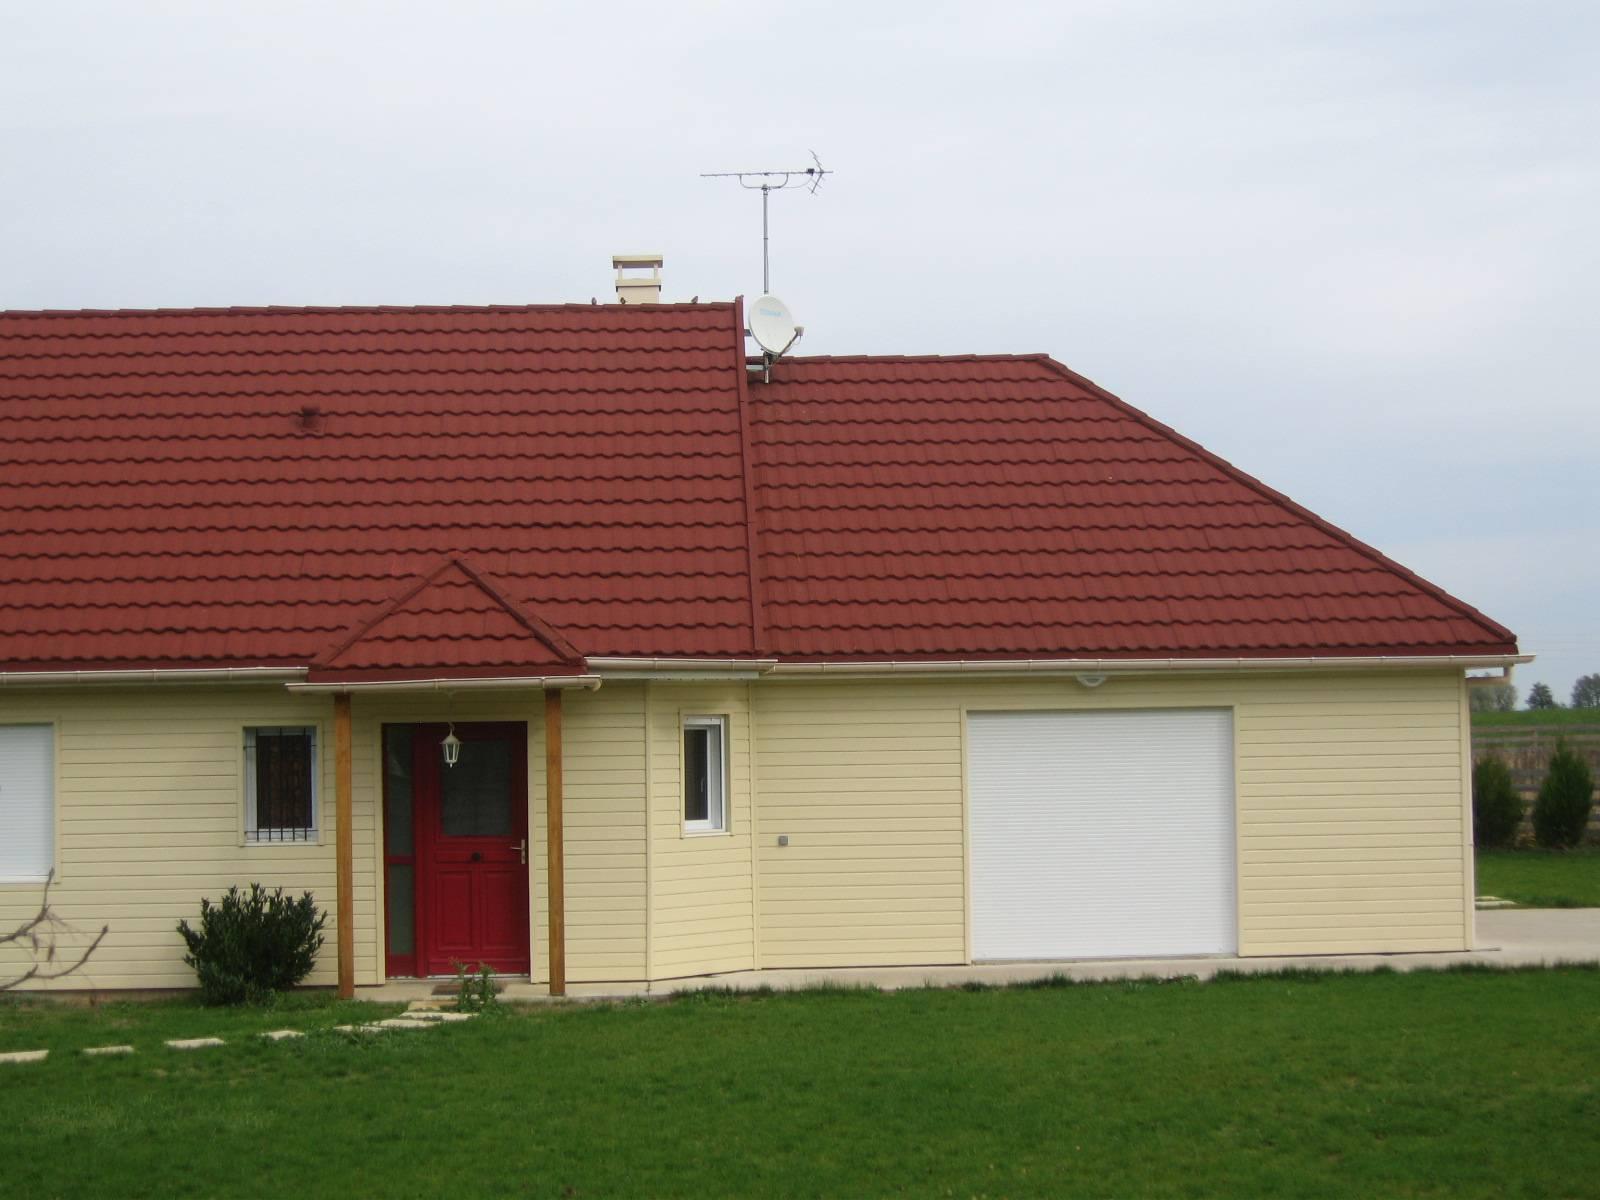 Gerard heritage fabrication livraison de tuiles lyon mat riaux r novation toiture les - Couverture toiture legere ...